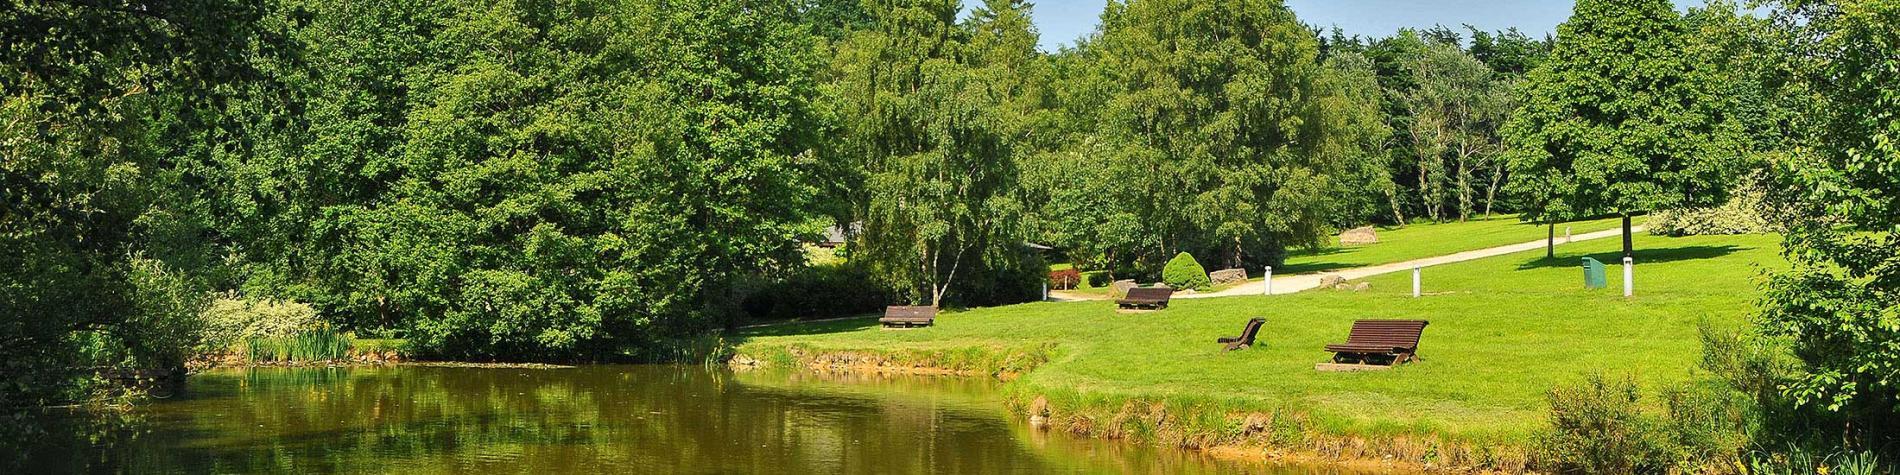 Domaine de Bérinzenne - Parc et étang